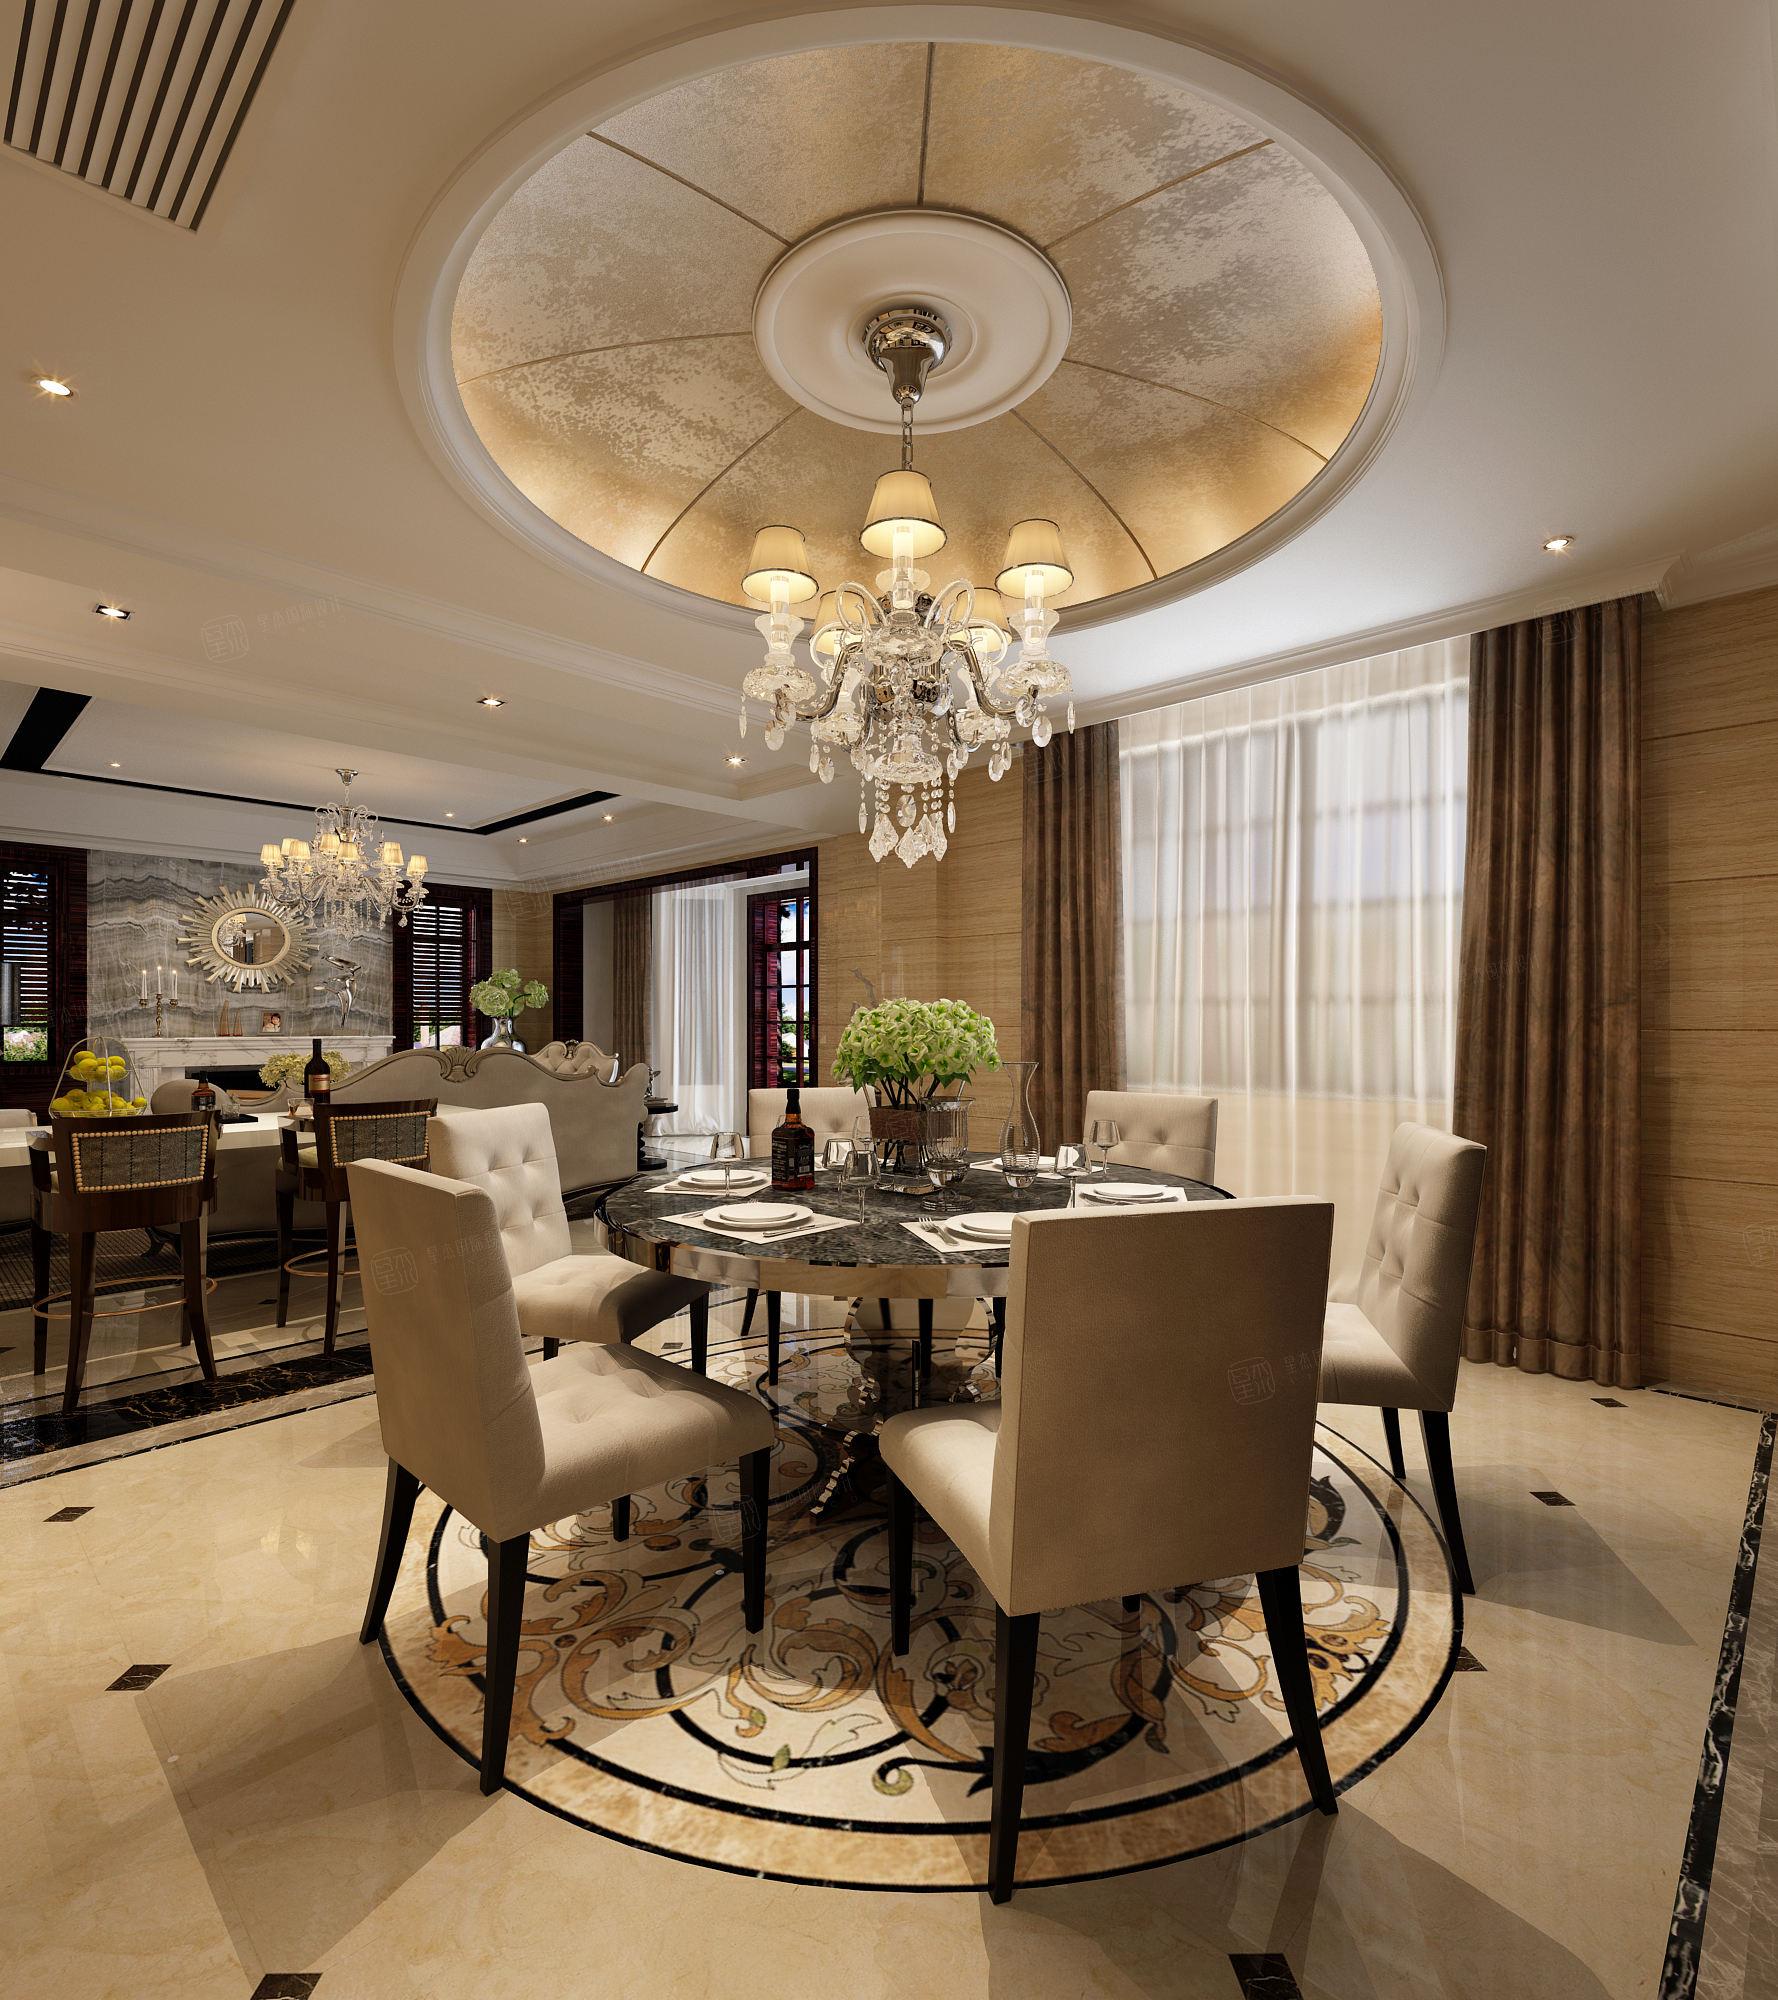 中金海棠湾 新古典风格装修餐厅效果图